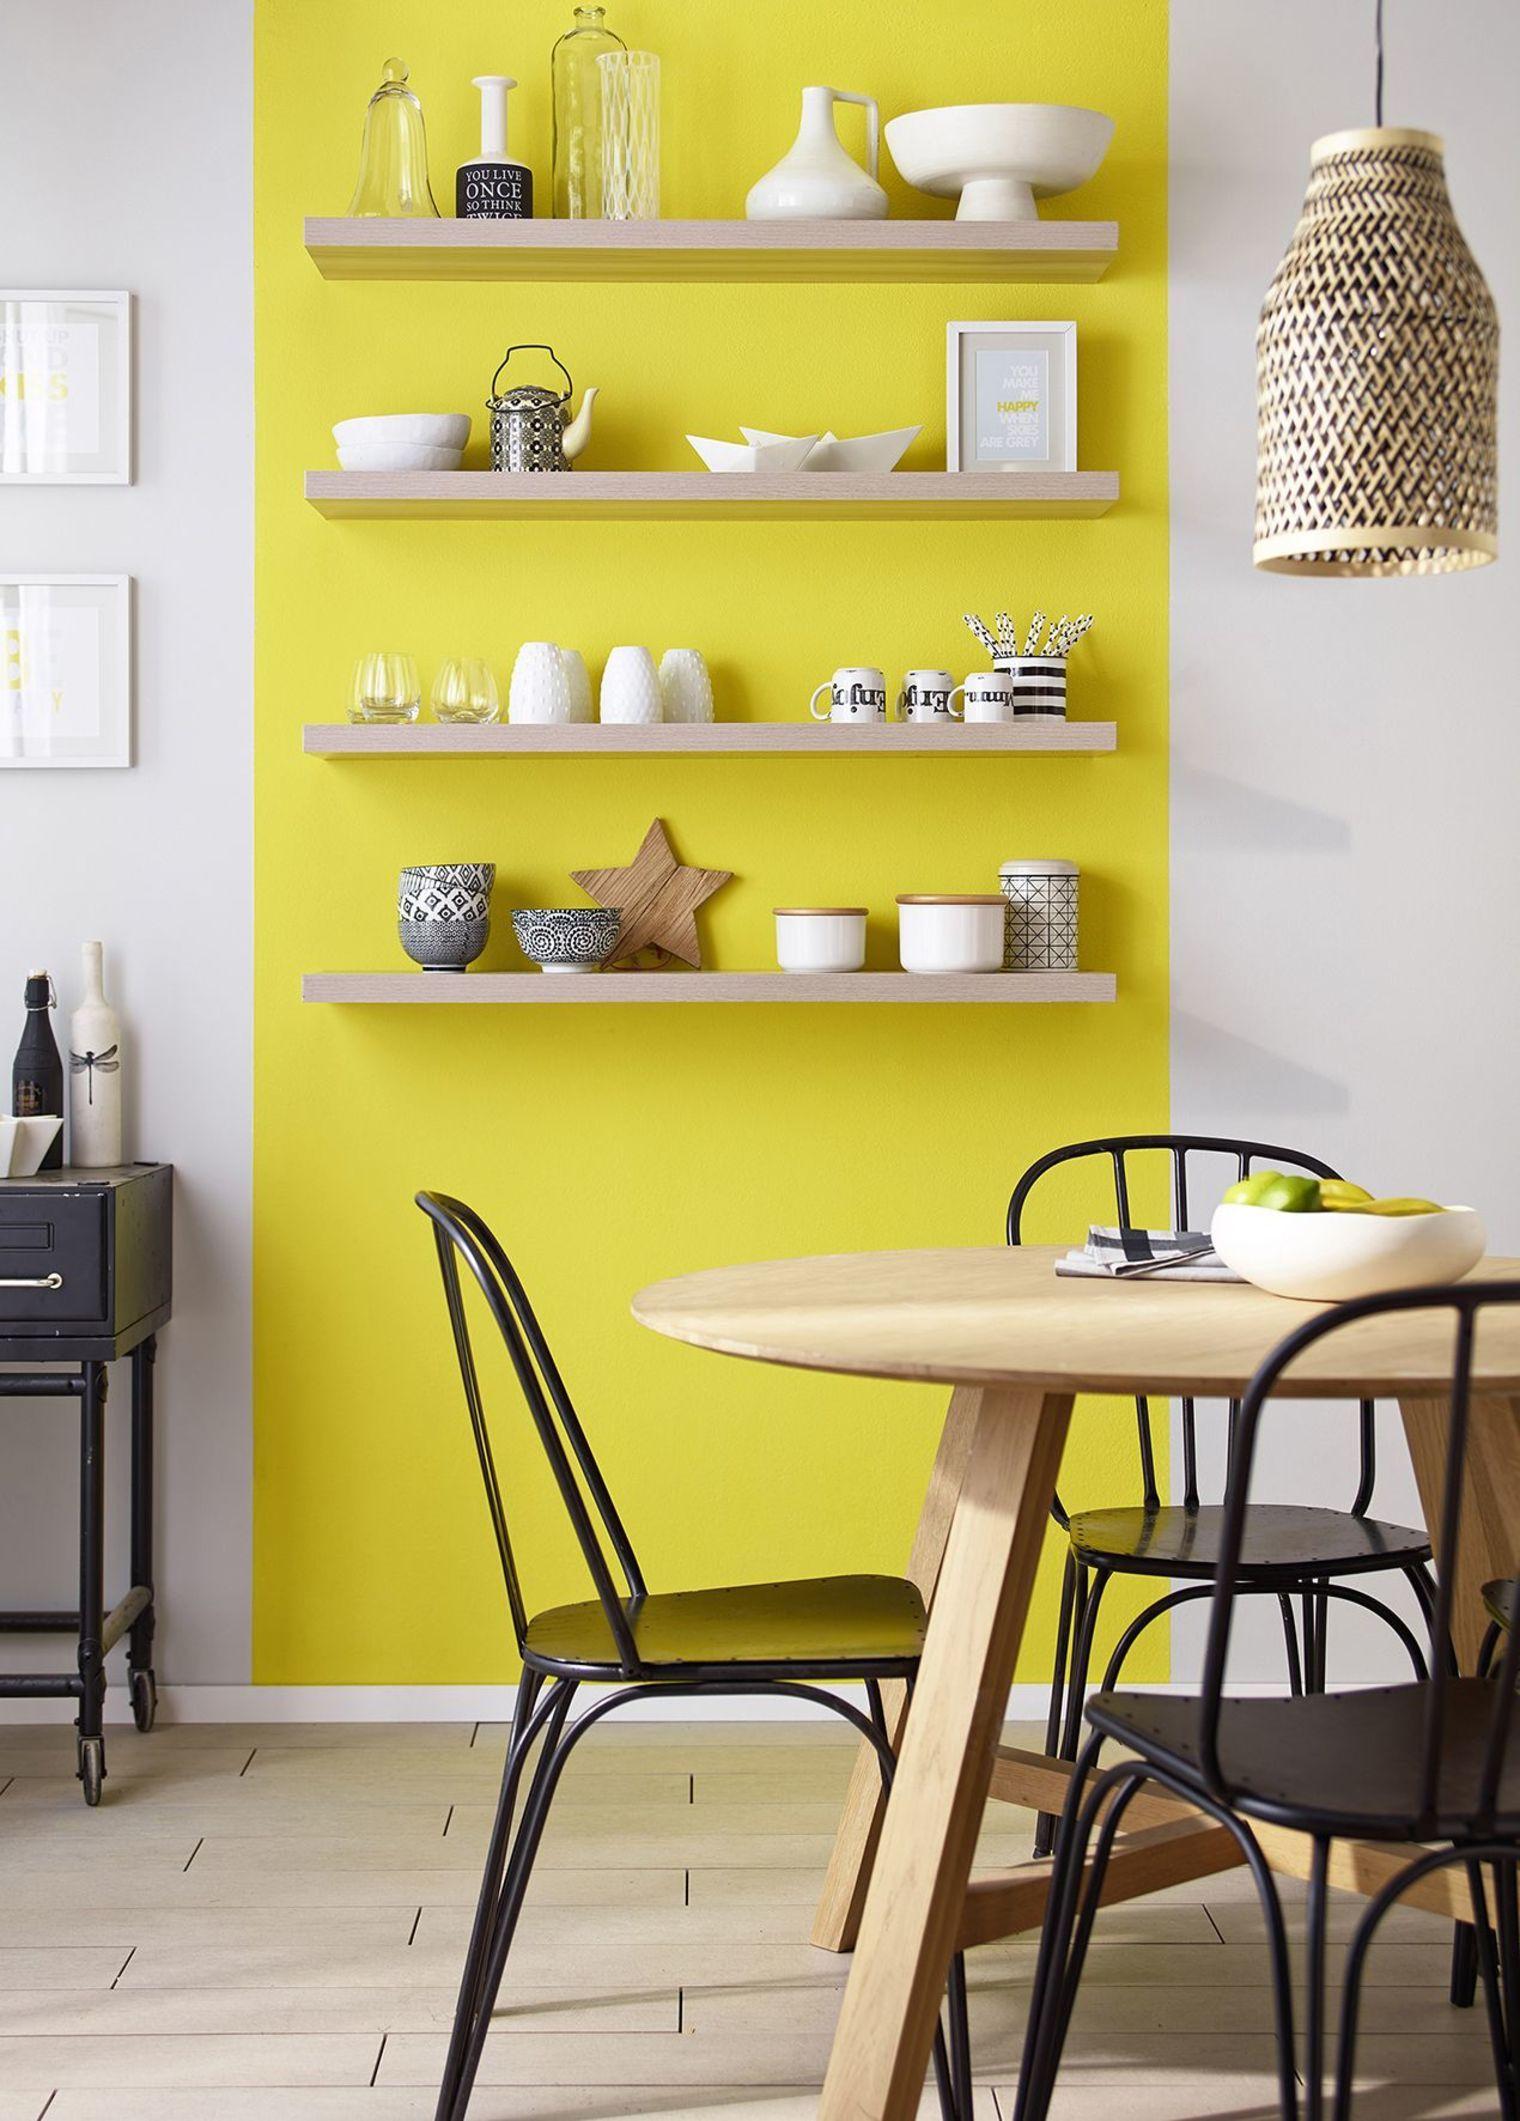 Peinture cuisine moderne : 20 couleurs tendance  Décoration